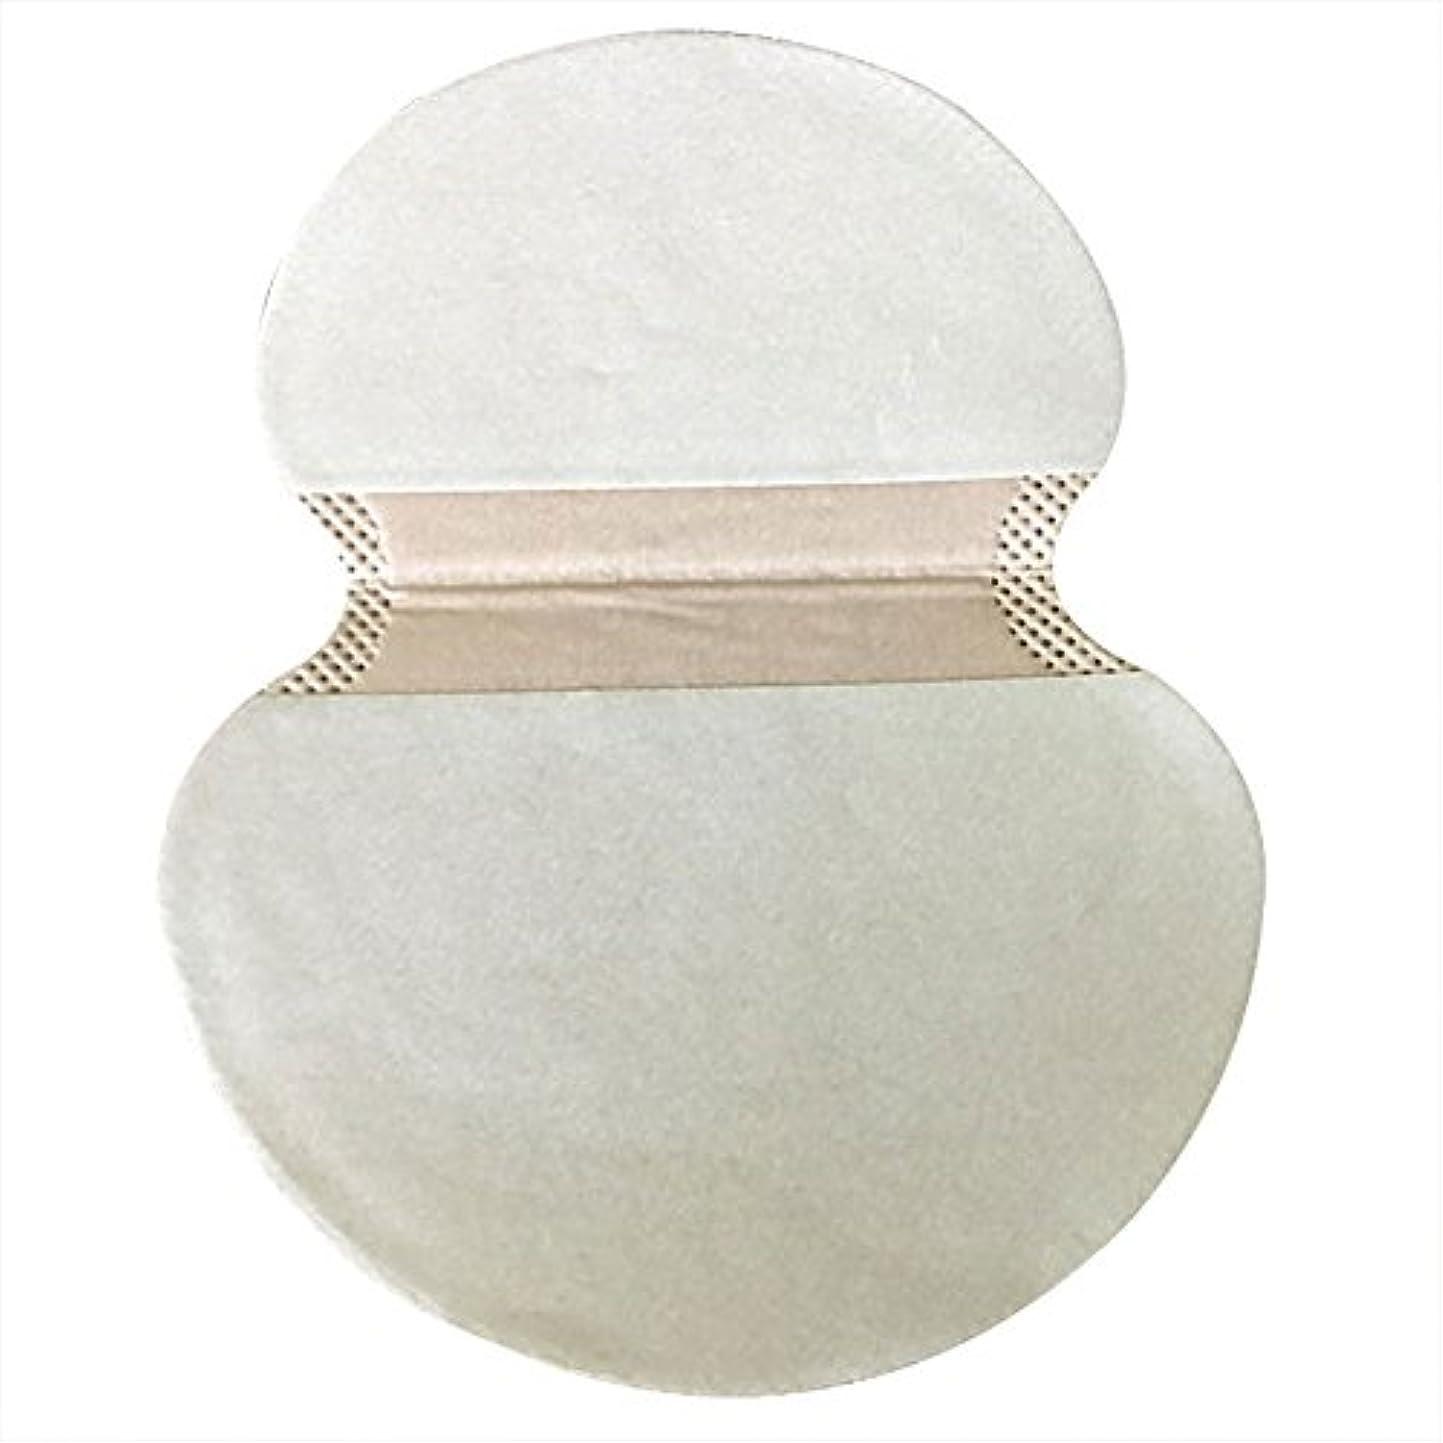 添加剤ソフィー短くするkiirou 汗取りパッド わき汗パット 10枚セット さらさら あせジミ防止 防臭シート 無香料 メンズ レディース 大きめ